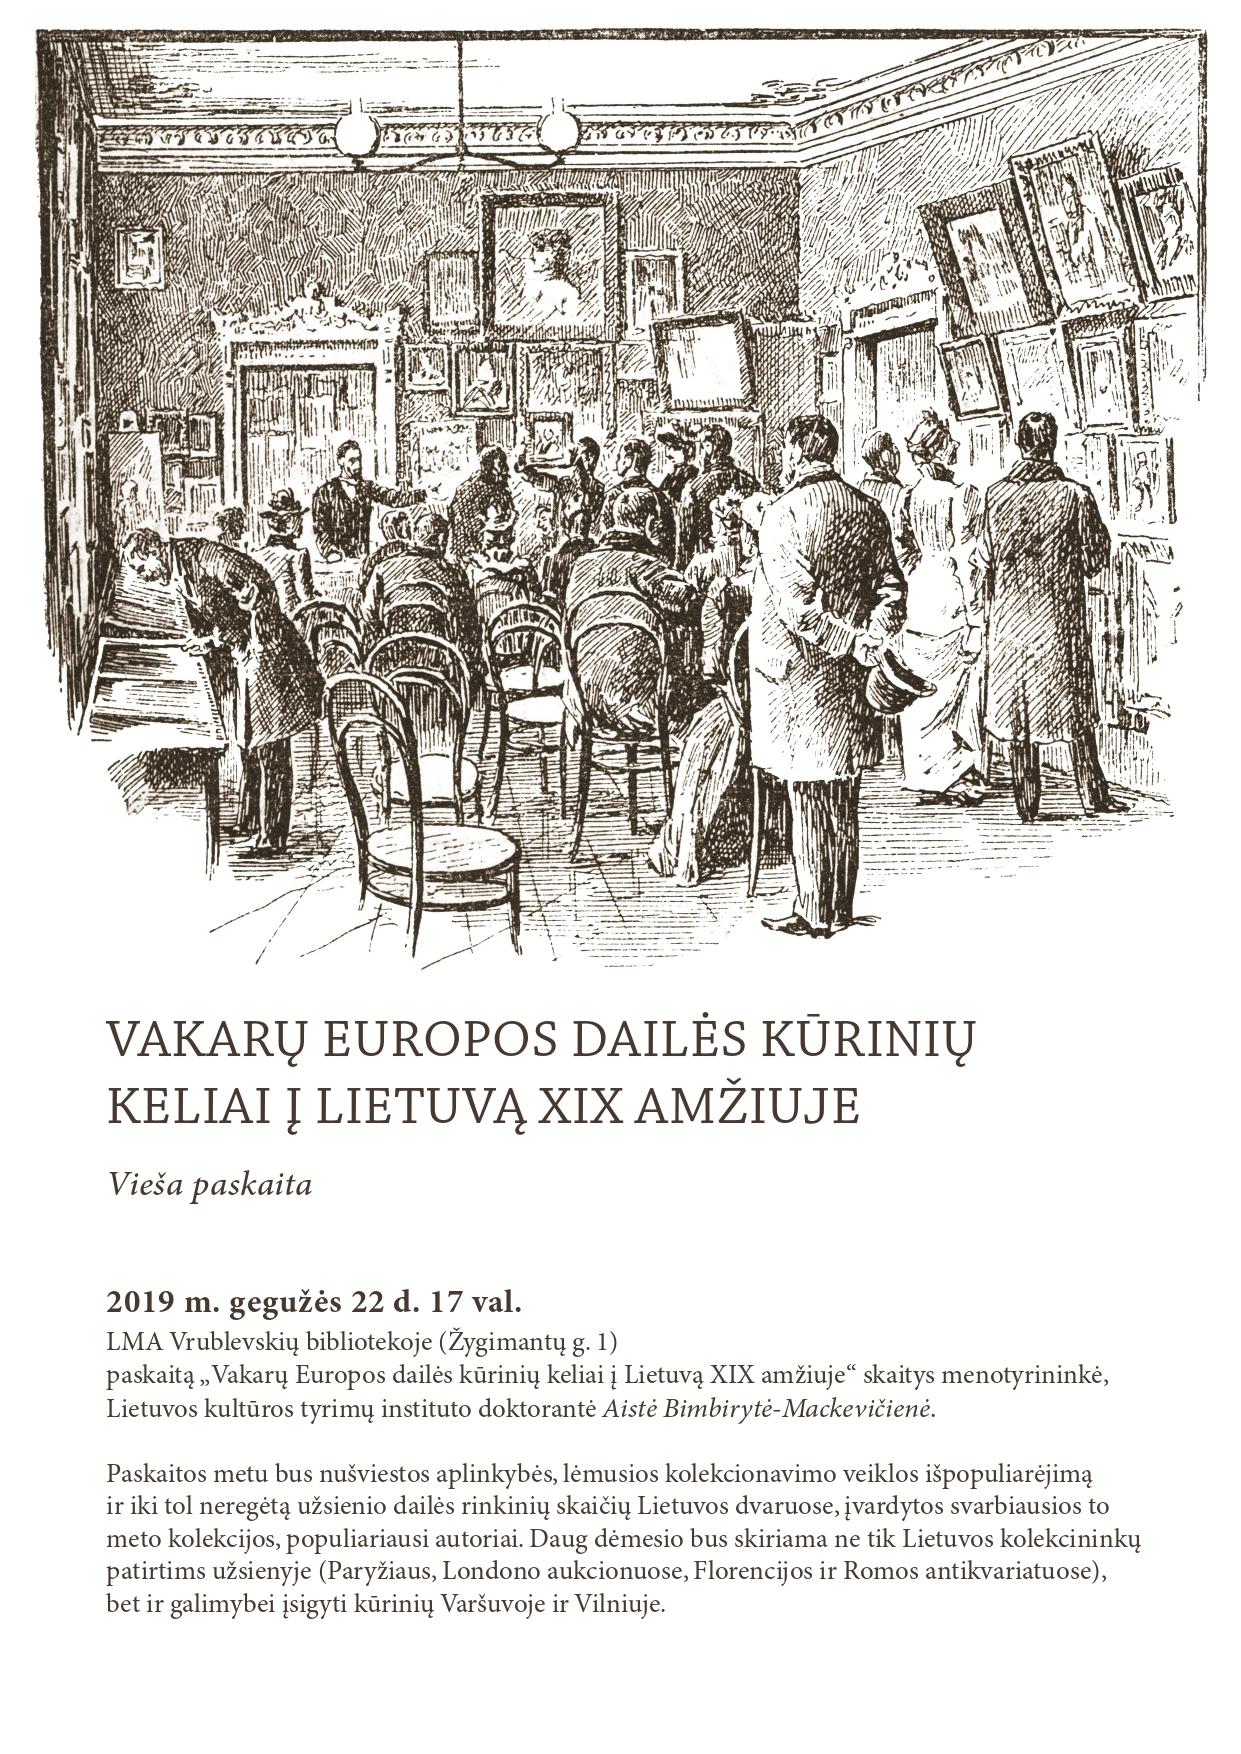 Vakarų Europos dailė   LMA Vrublevskių bibliotekos nuotr.